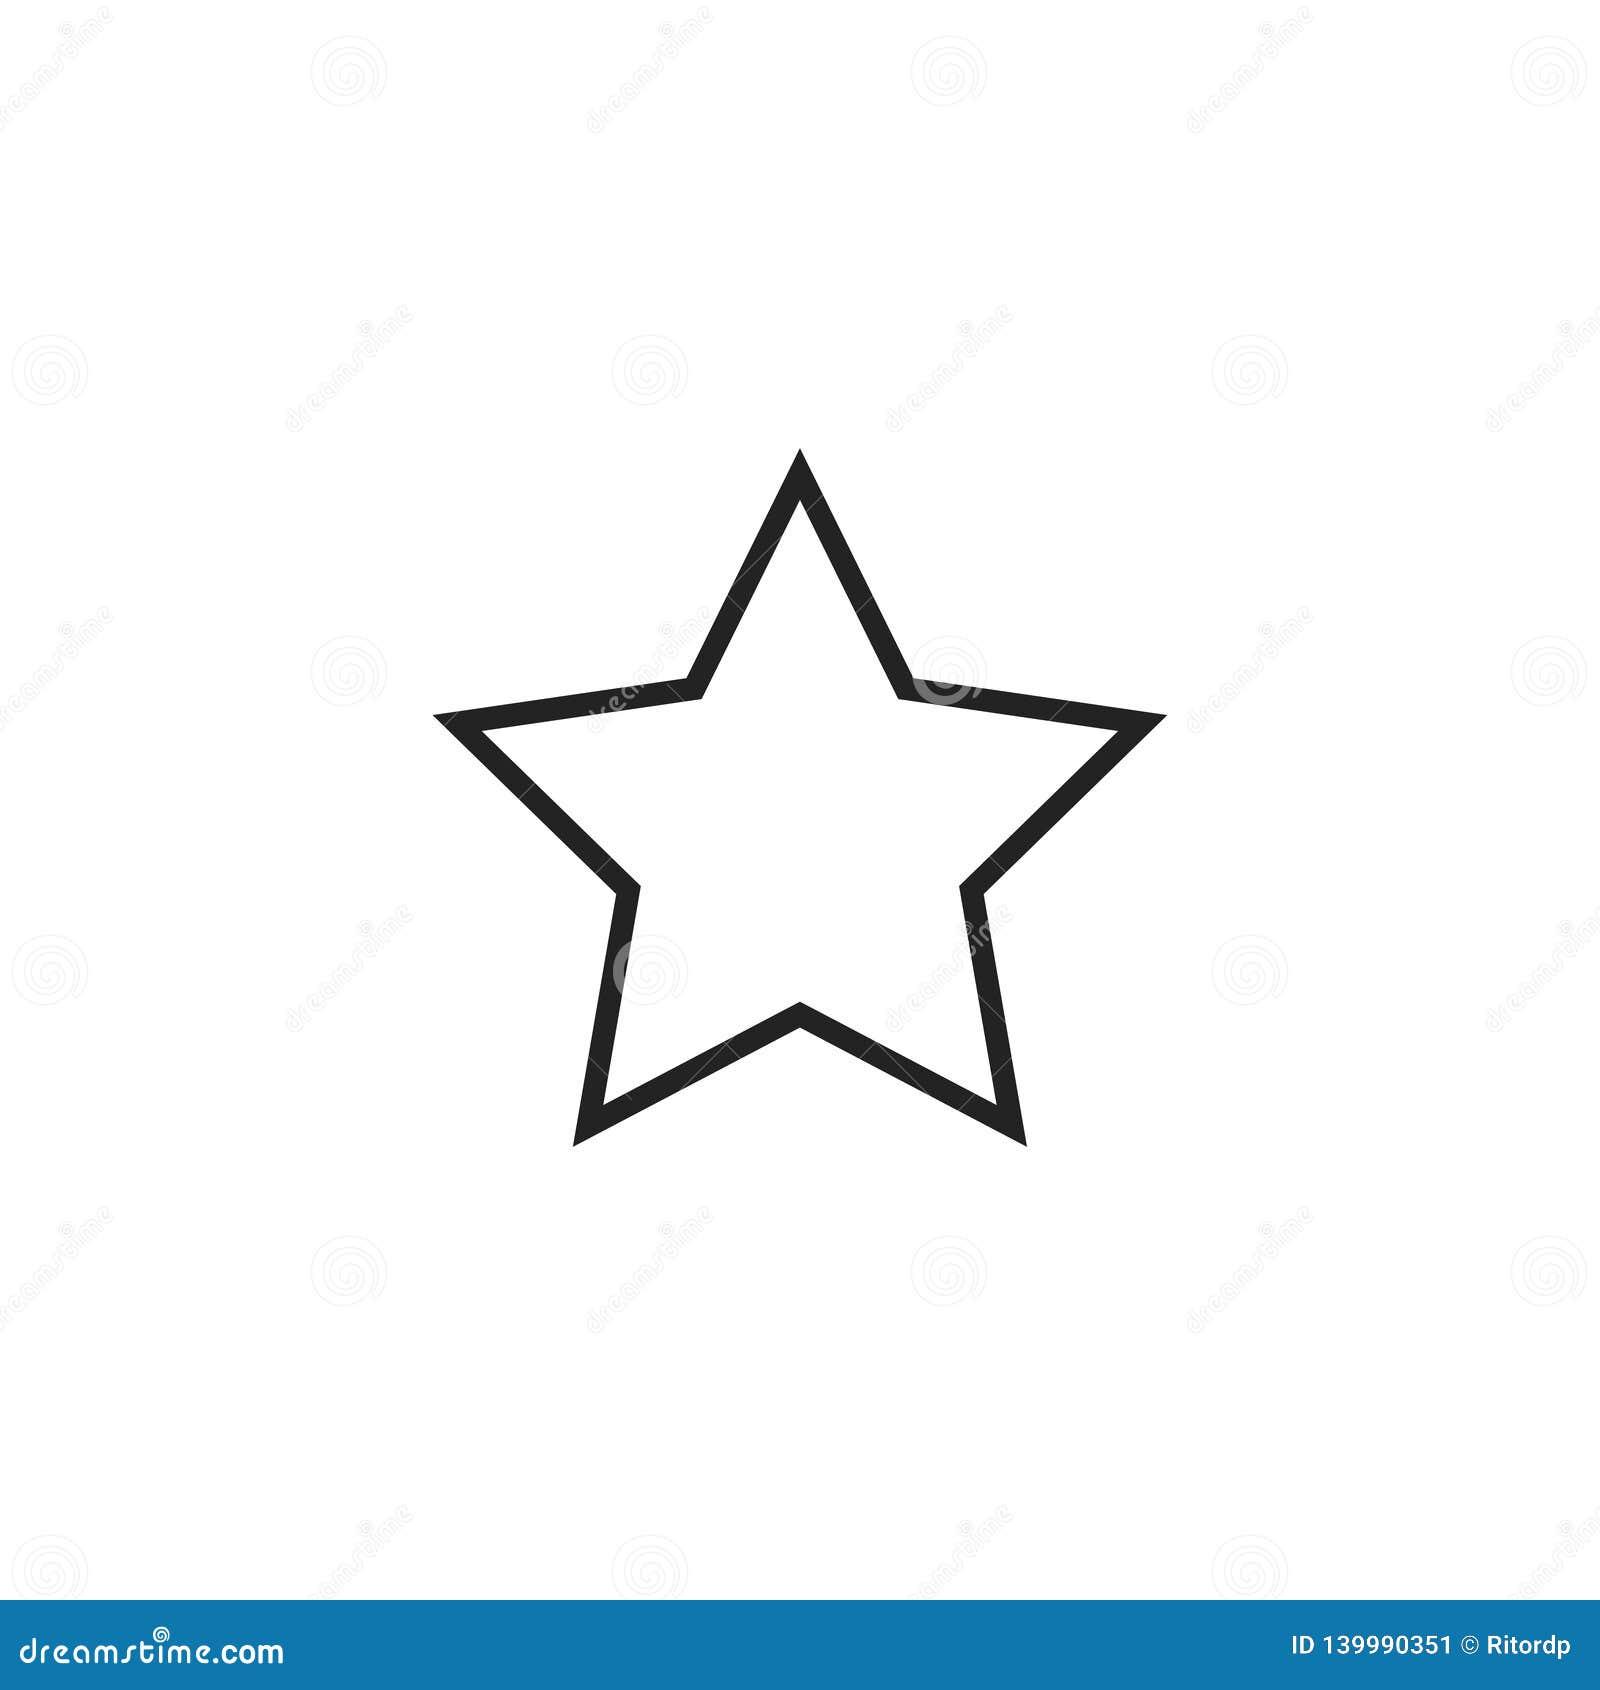 Icona, simbolo o logo di vettore del profilo della stella